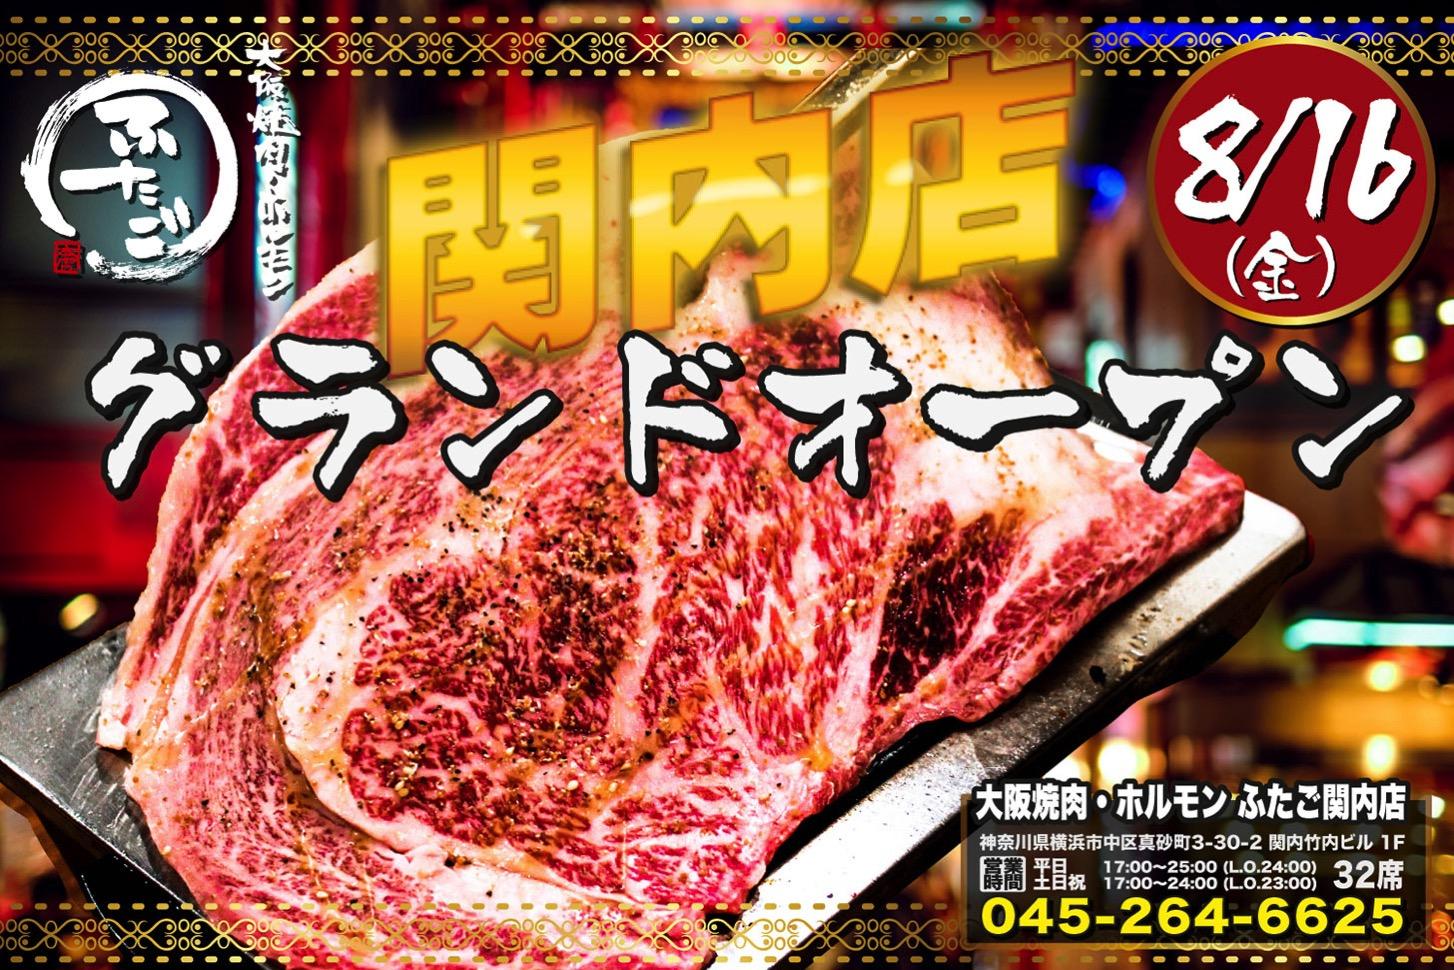 大阪焼肉・ホルモン ふたごが関内に上陸!黒毛和牛のはみ出るカルビ